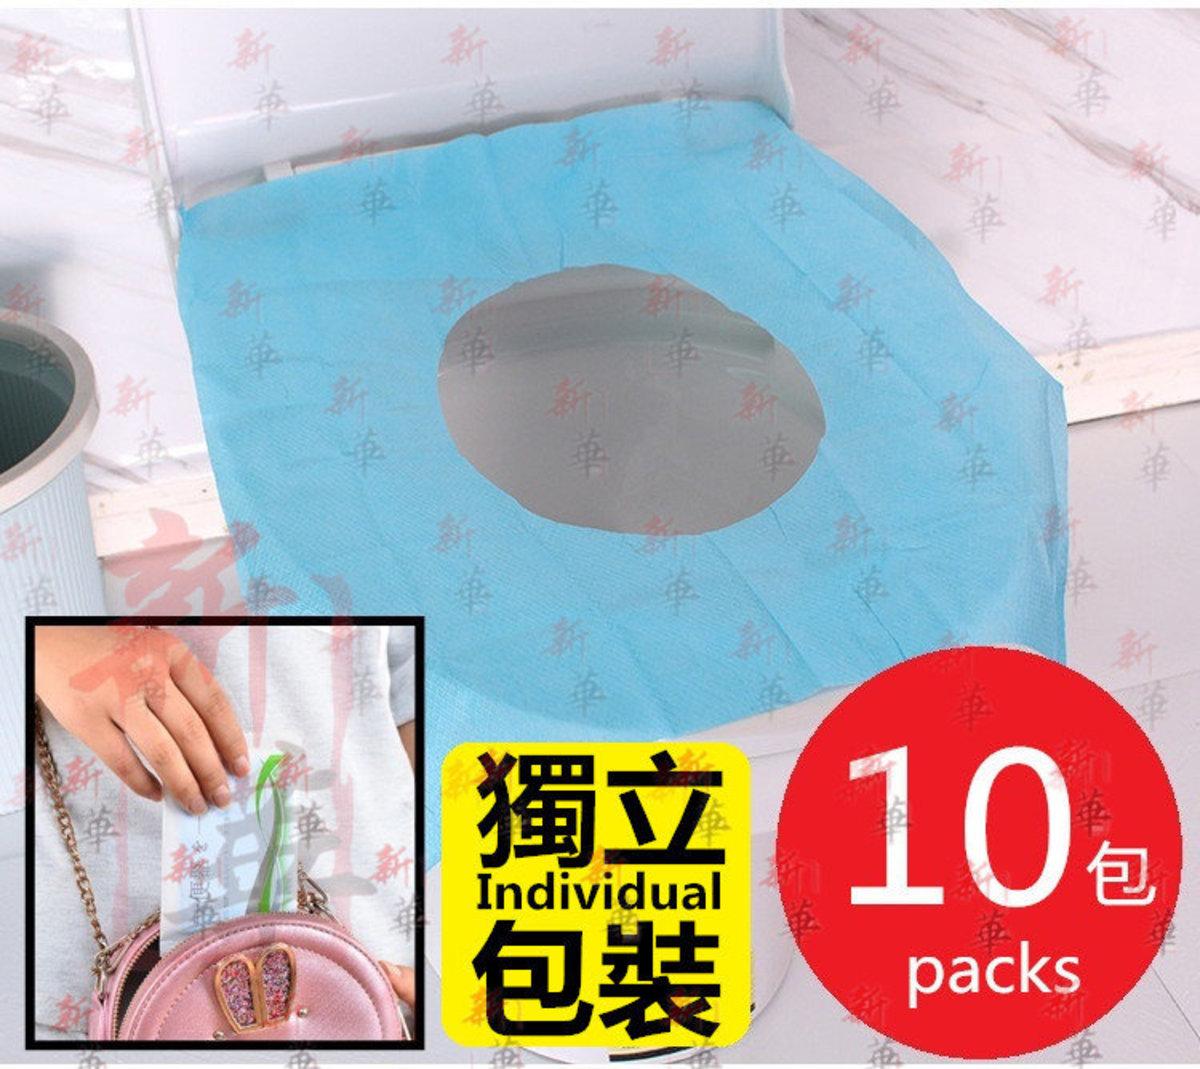 [防疫系列][10包]一次性水溶性即棄廁所馬桶坐墊[獨立包裝]@可直接沖走